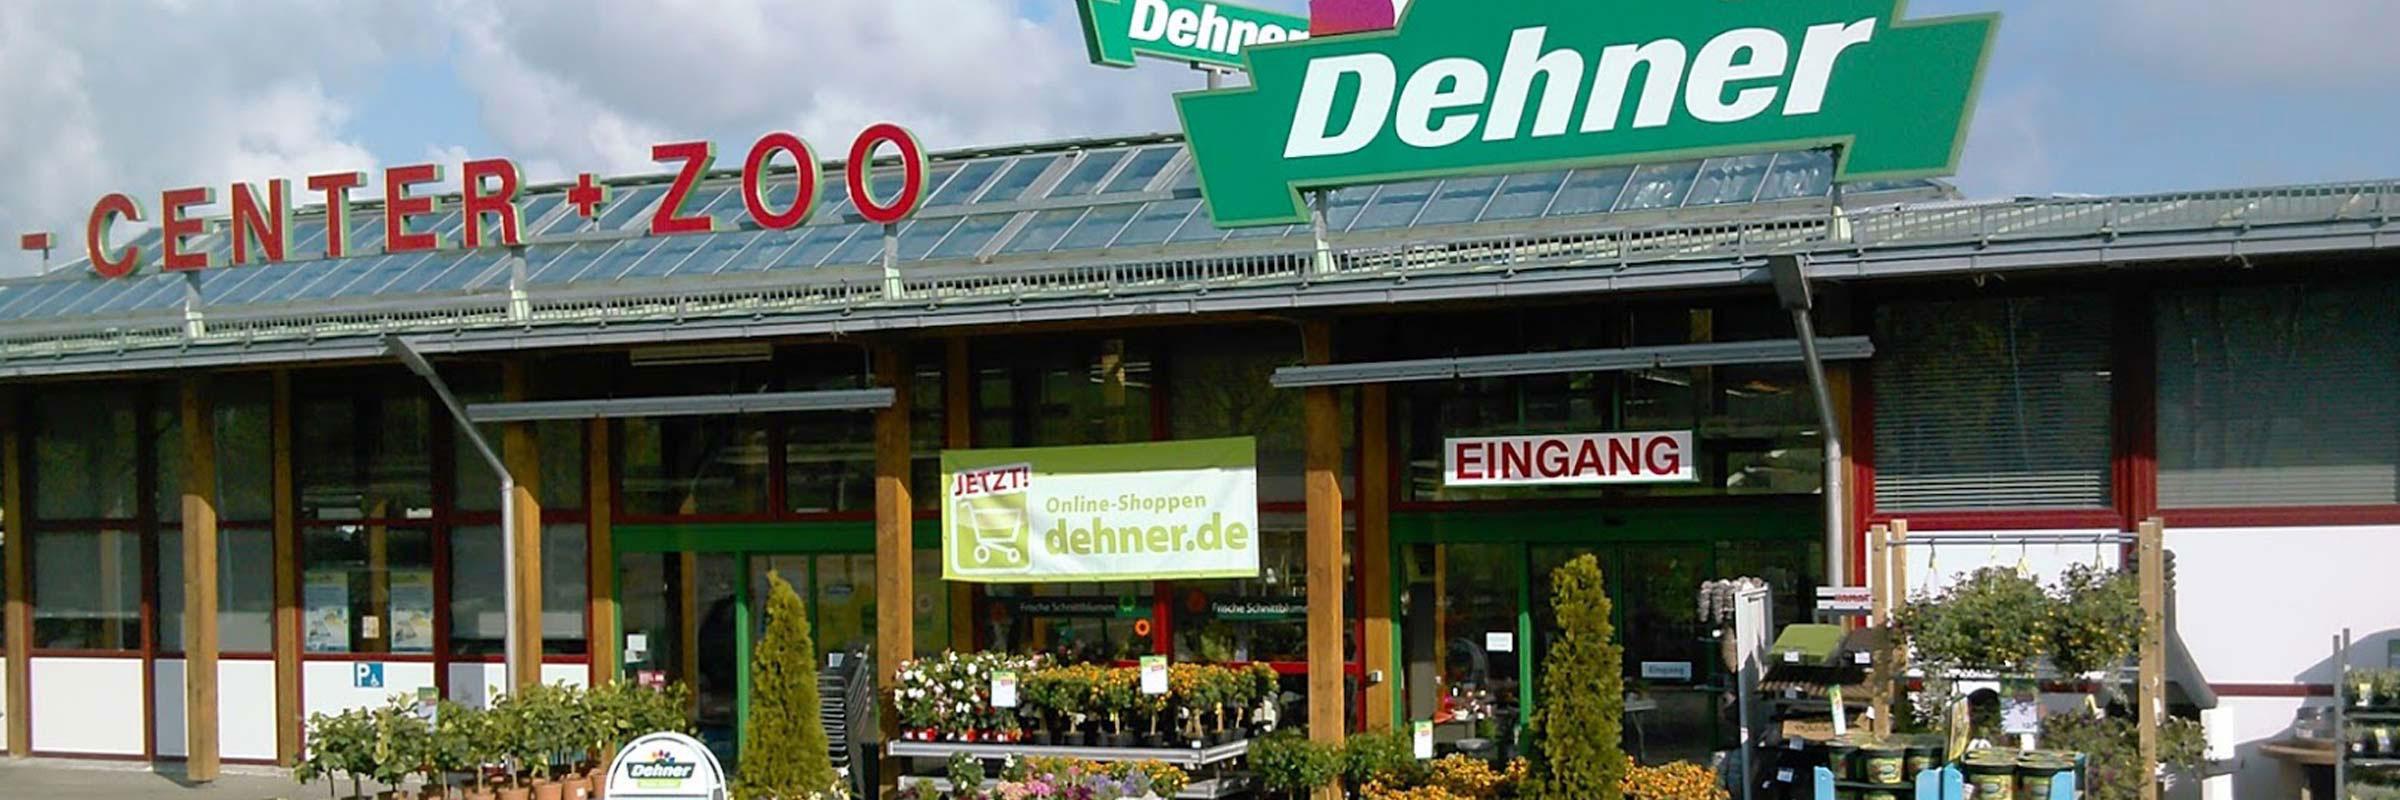 dehner heidelberg öffnungszeiten